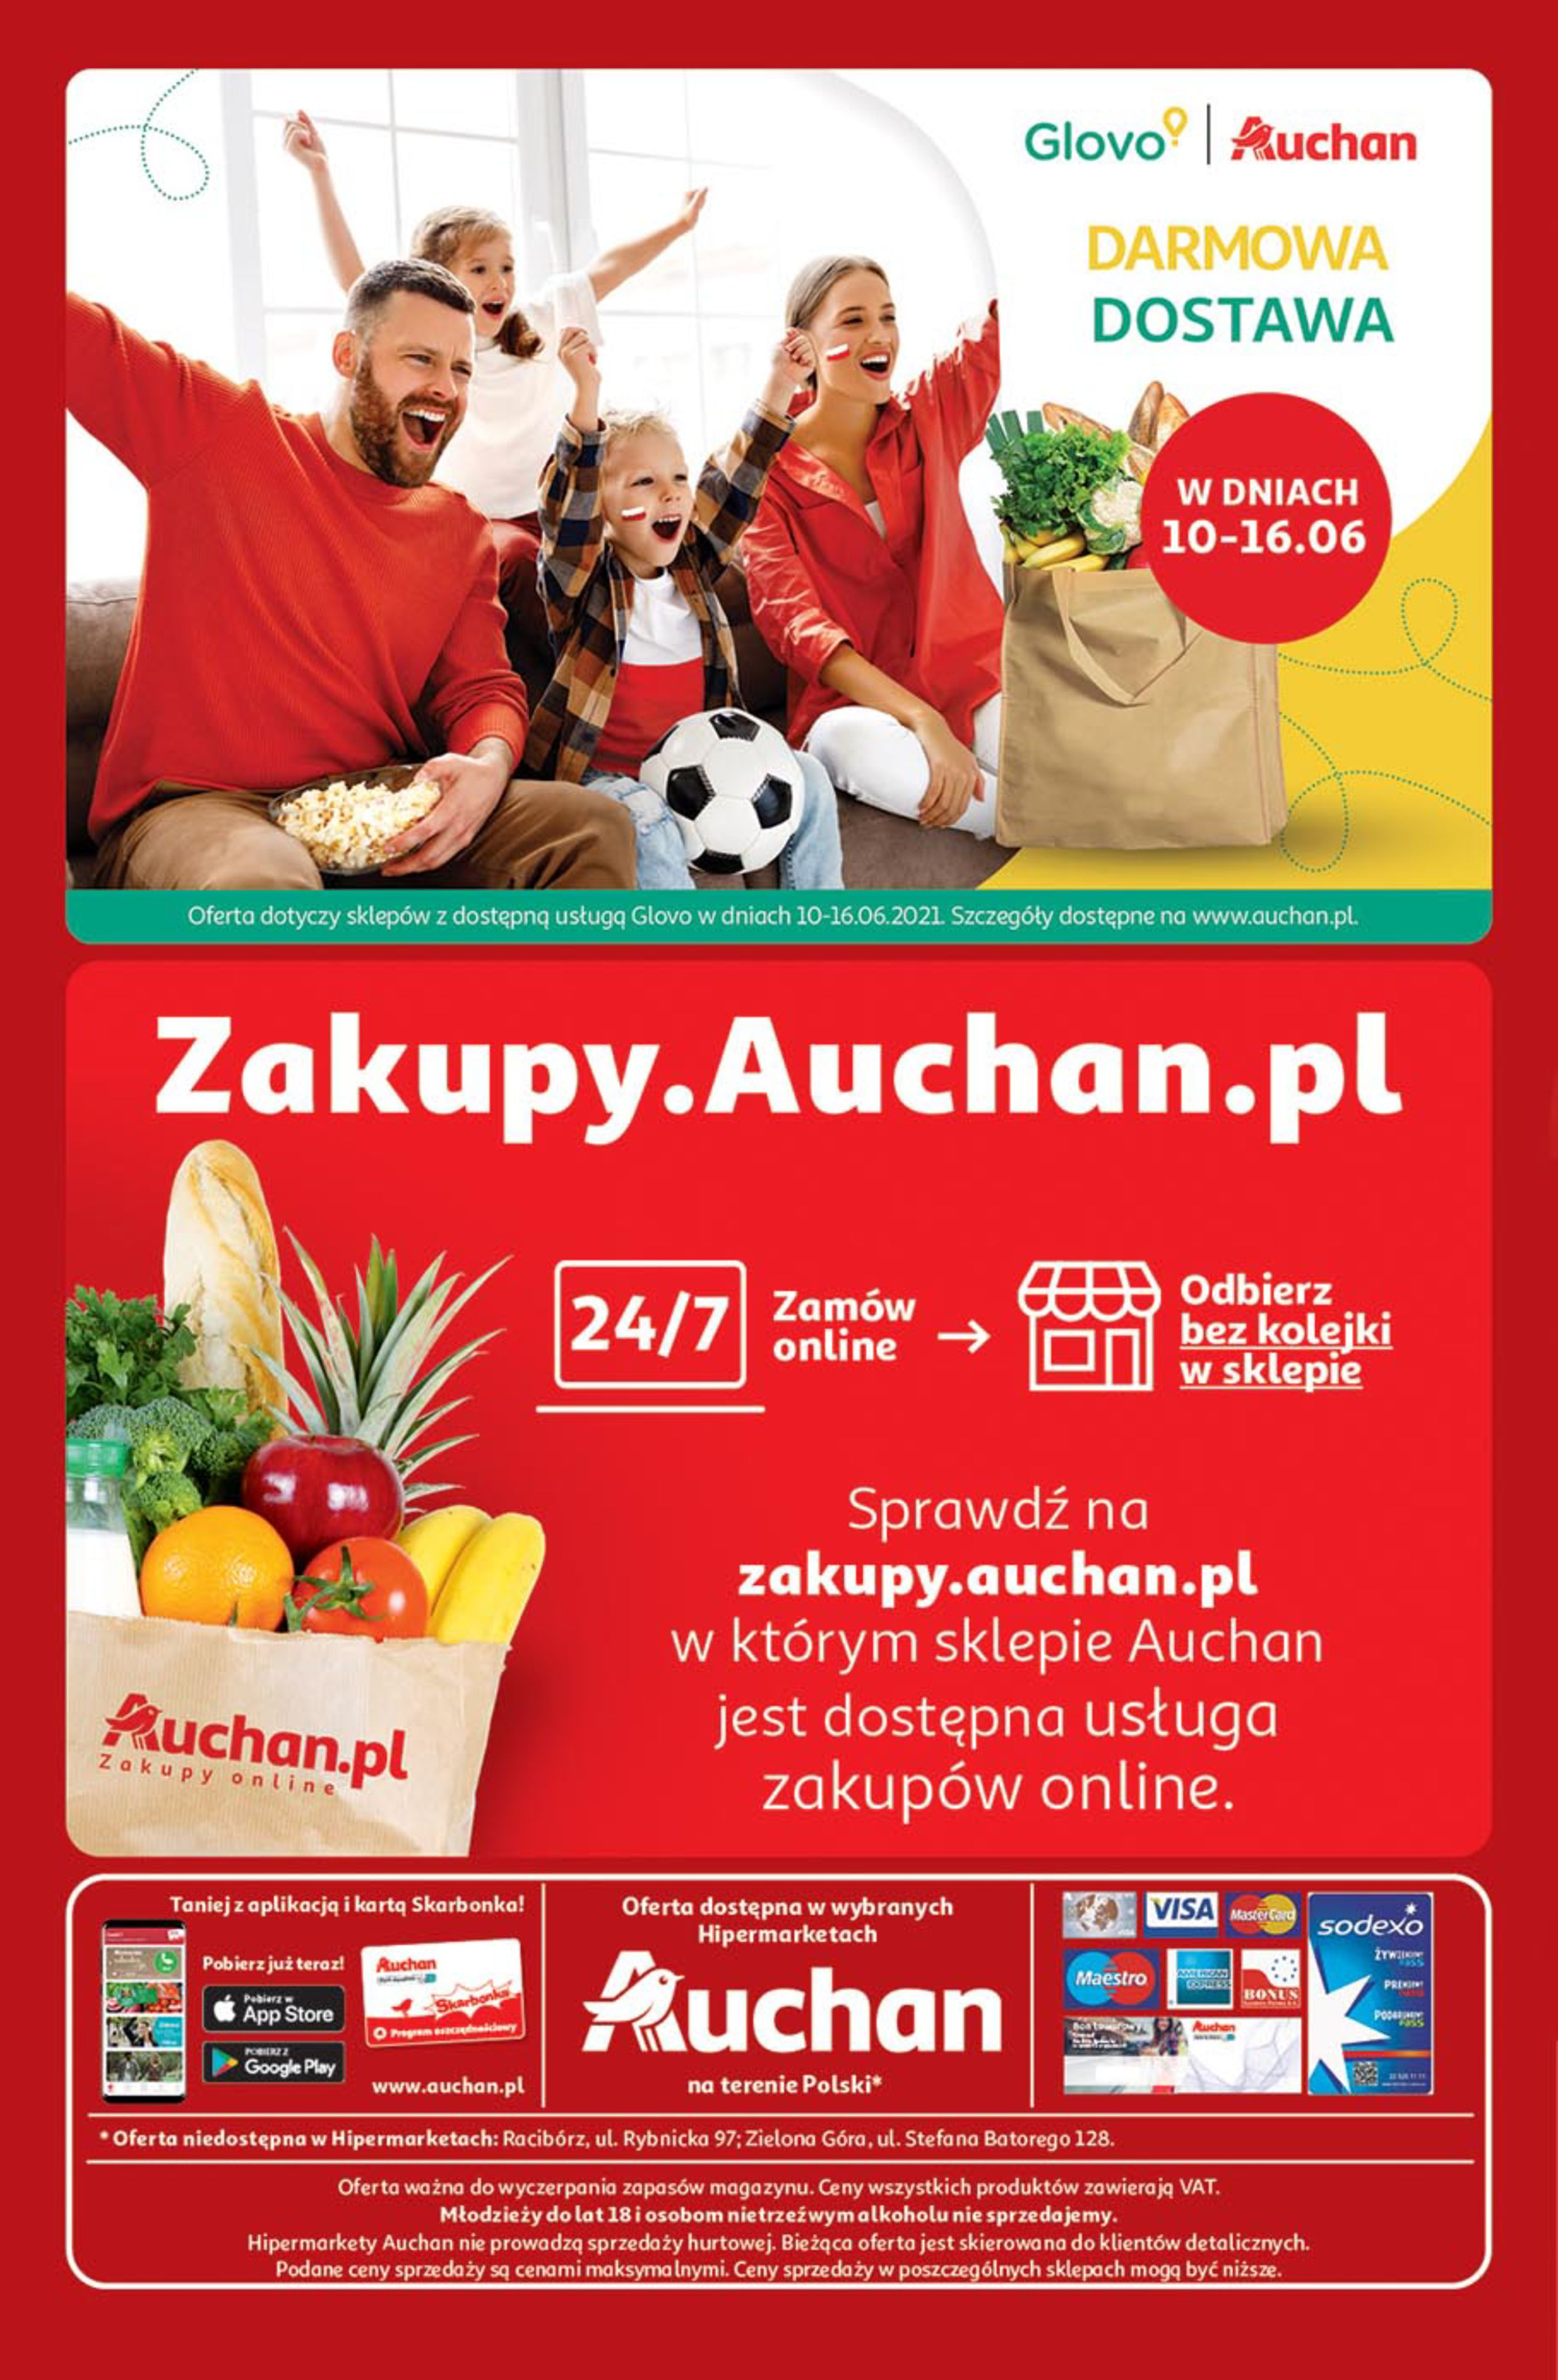 Gazetka Auchan: Gazetka Auchan - Euro 2020 2021-06-10 page-32